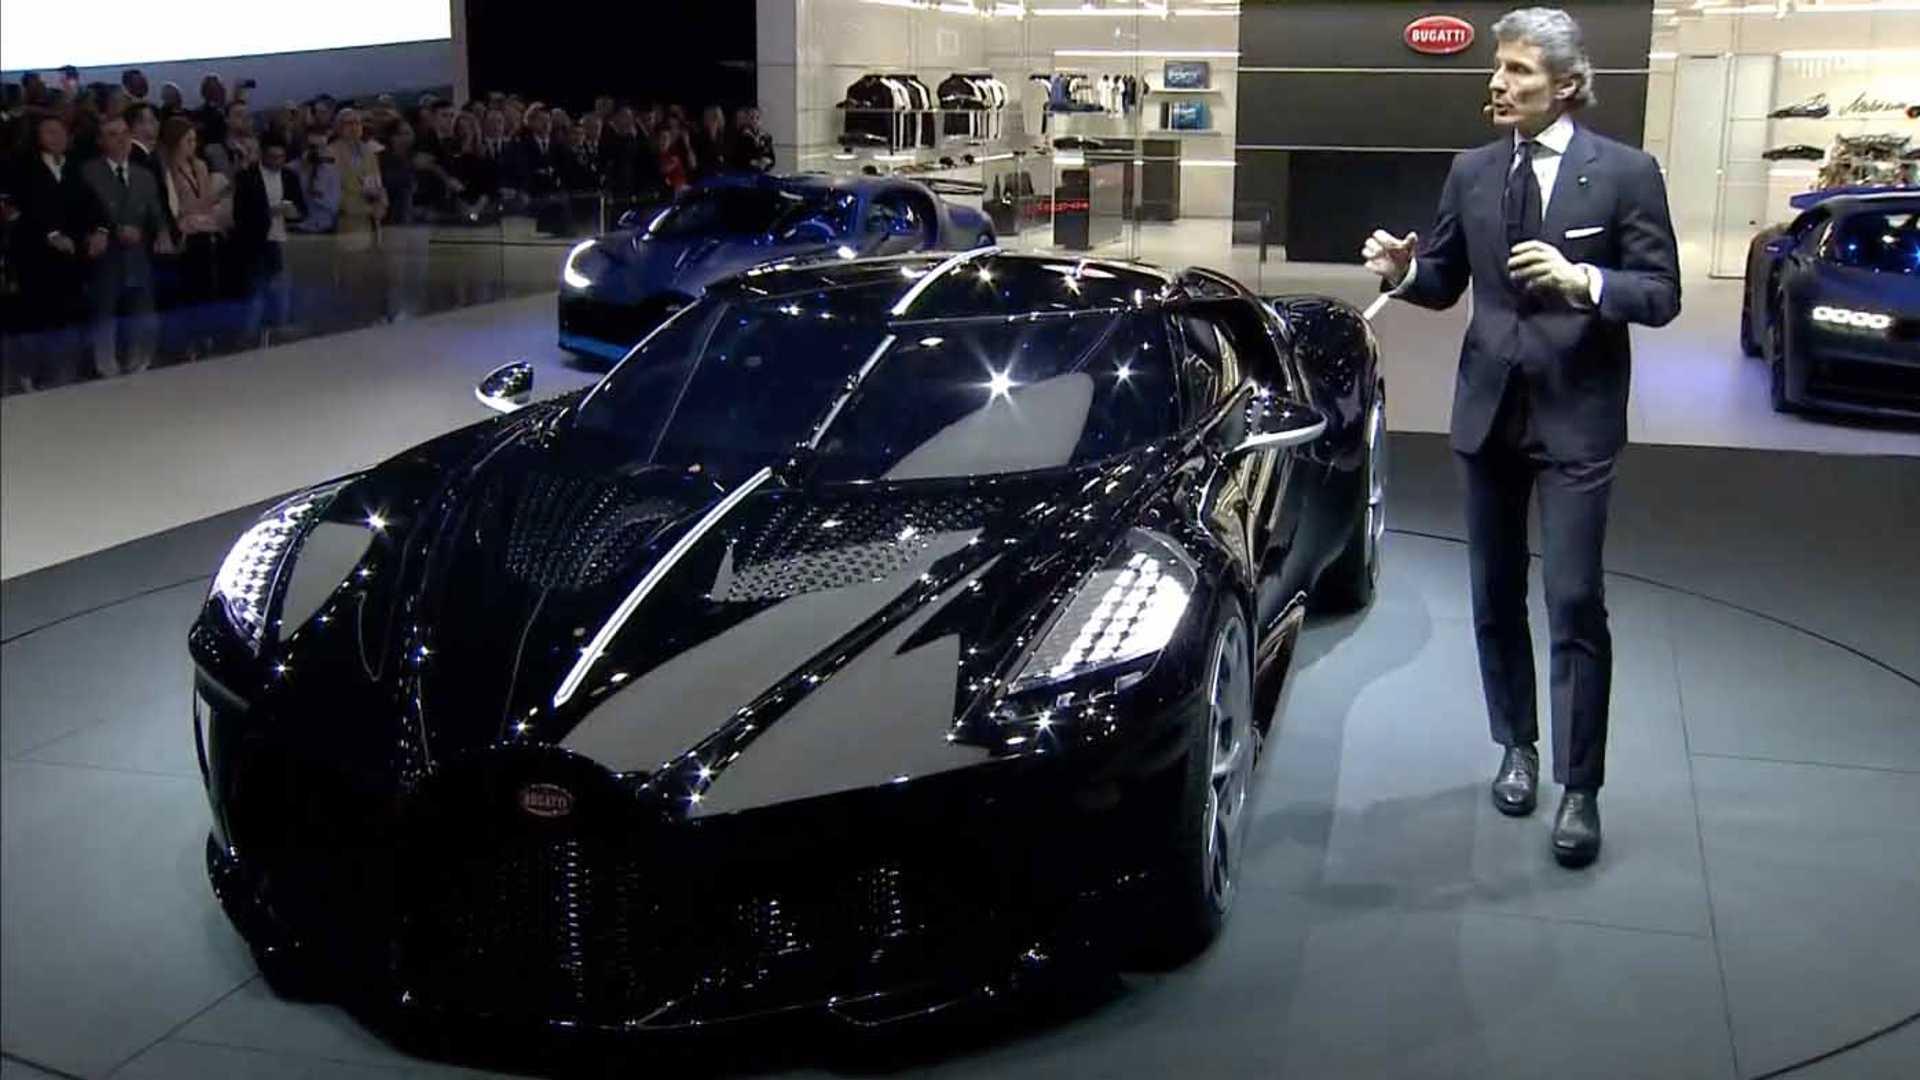 Bugatti сделала La Voiture Noire — самый дорогой автомобиль в мире 1